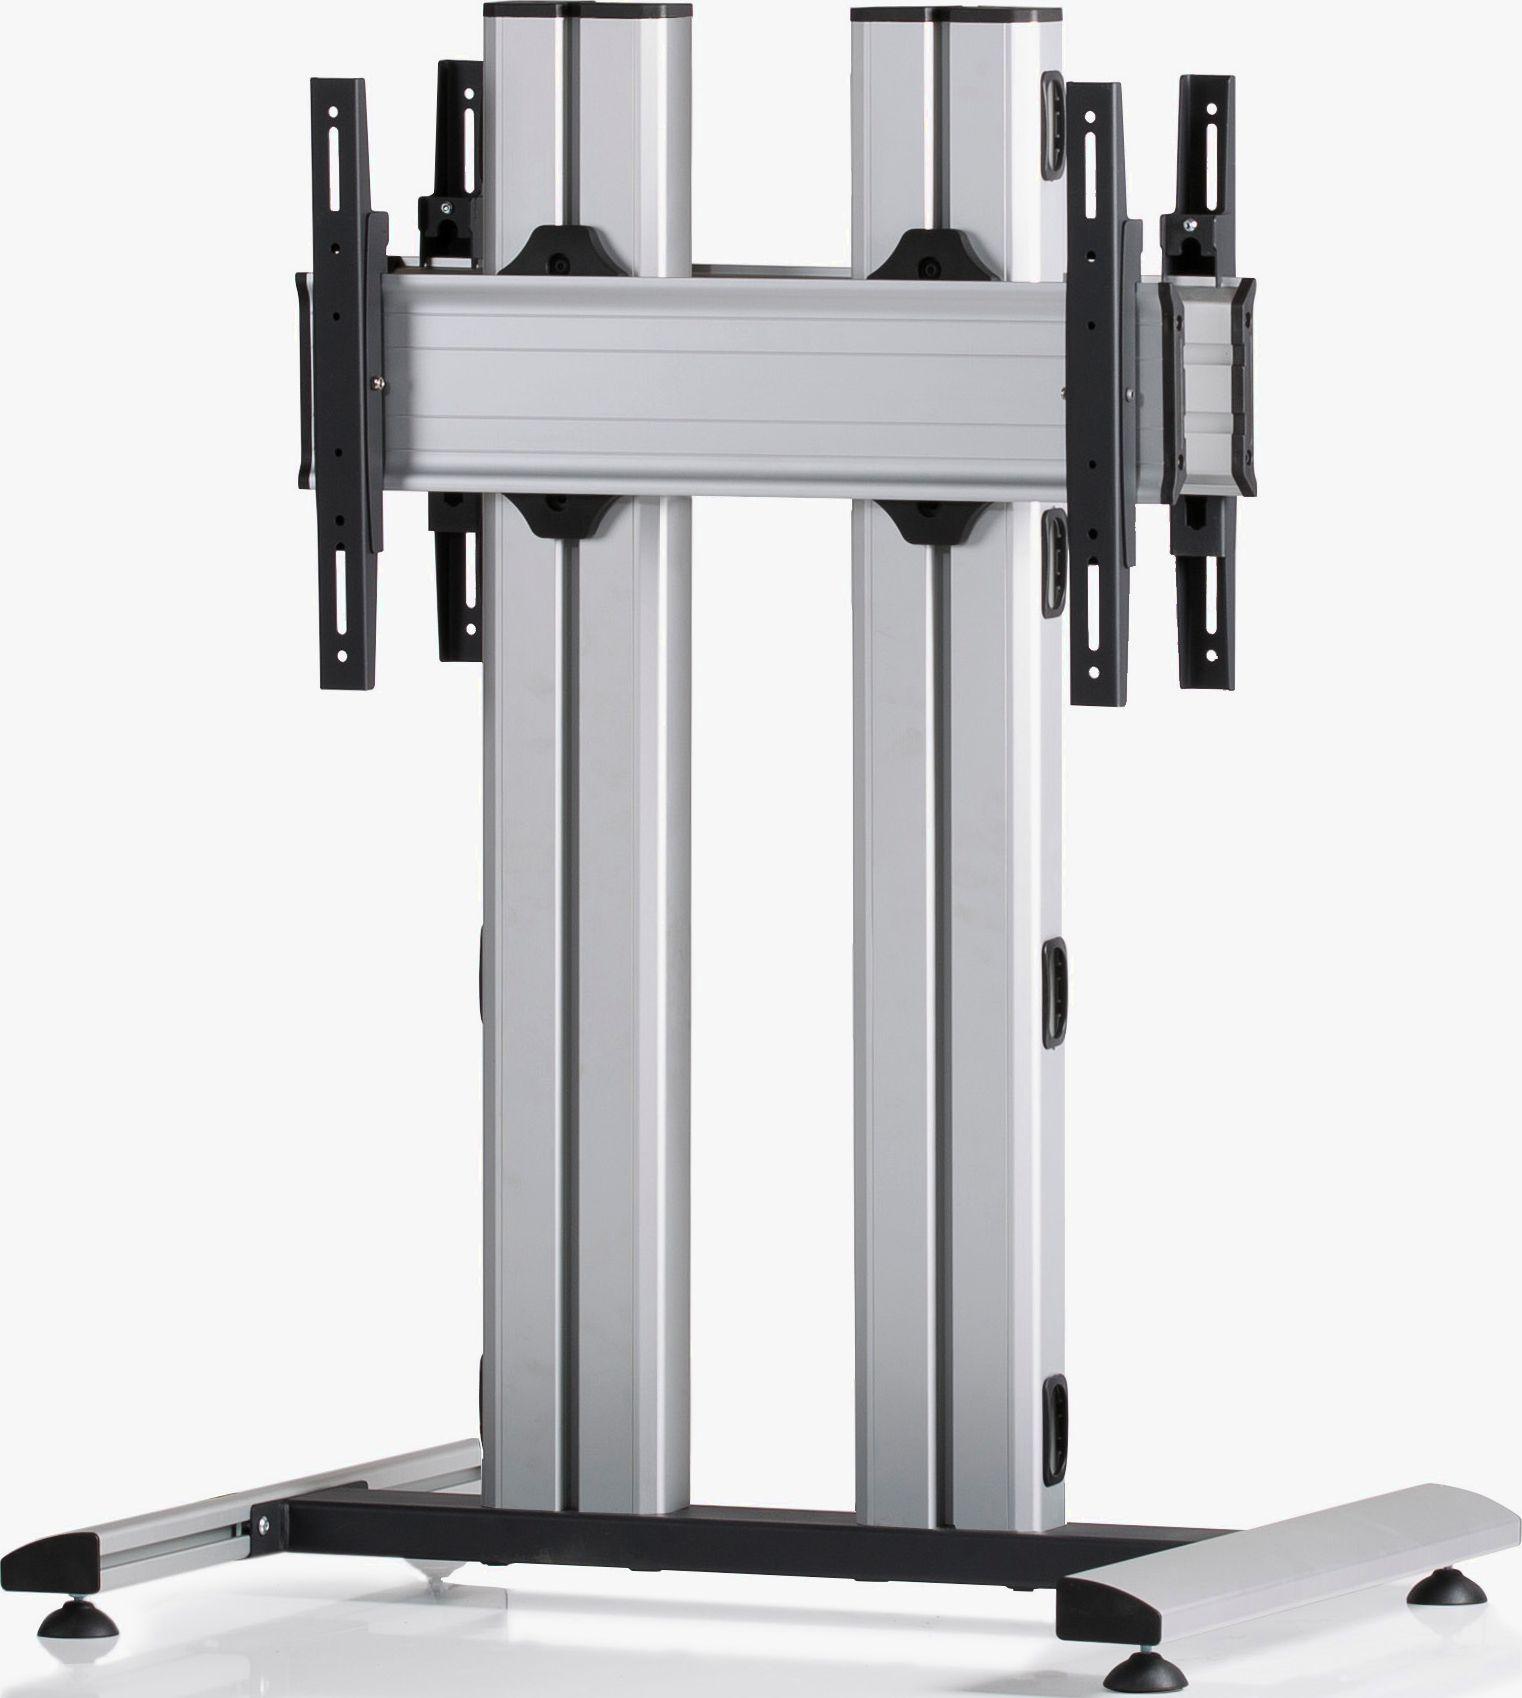 2 Displays 1×1 beidseitig, für große Bildschirme, Höhe 110 cm, Standard-VESA, auf Standfuß